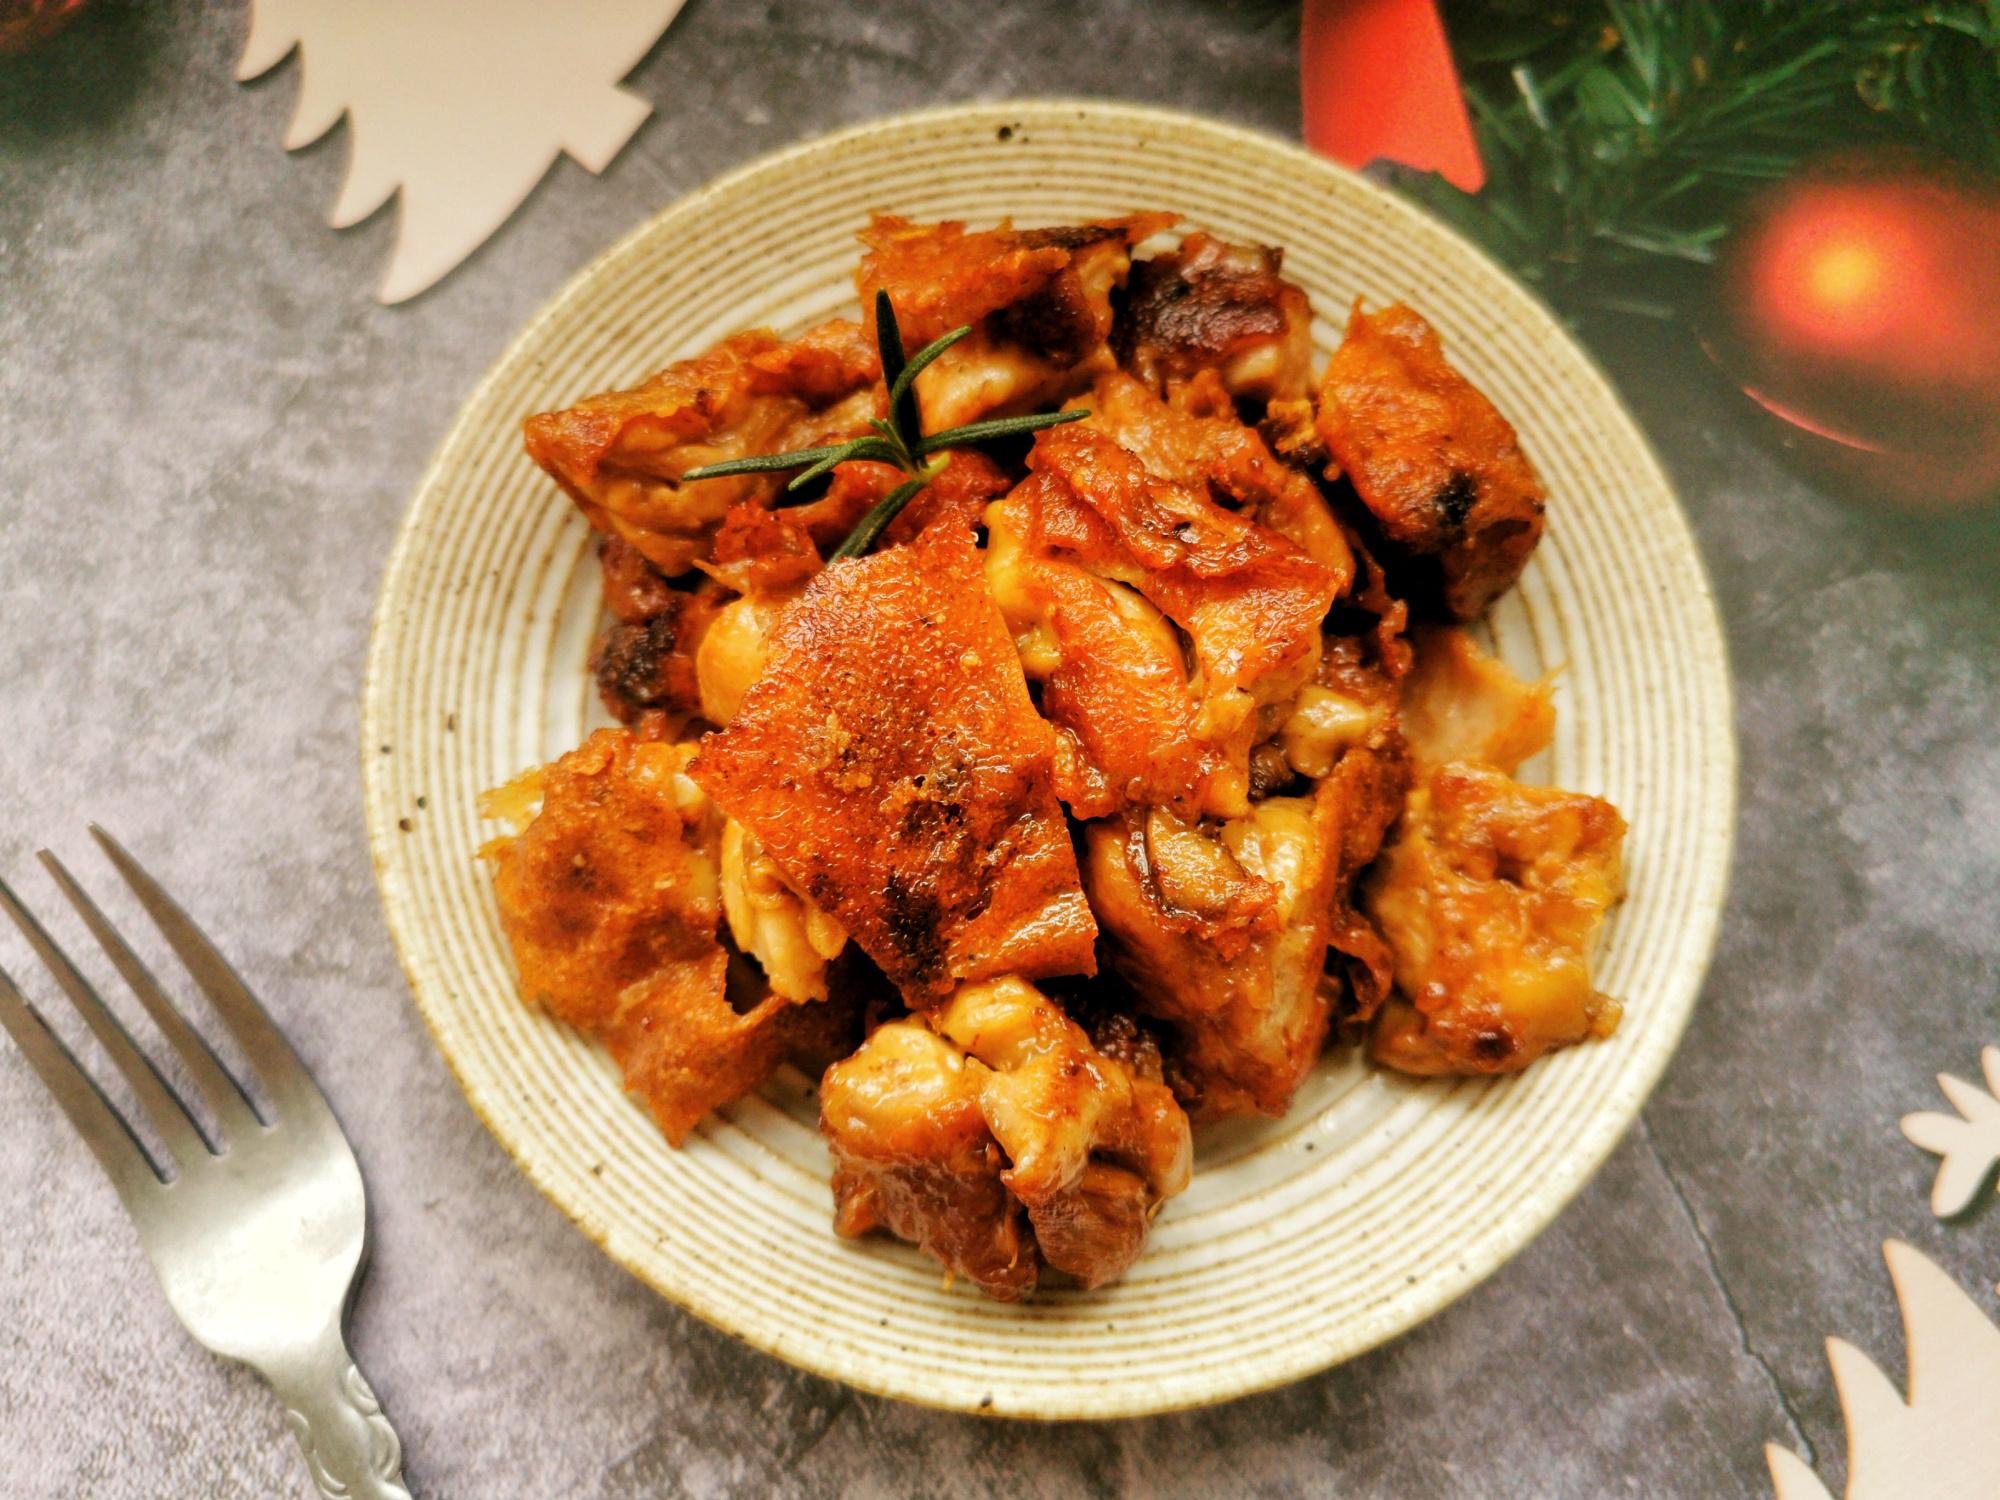 網紅芝士脆皮雞,一口平底鍋就搞定,鹹香酥脆,學會不用點外賣了